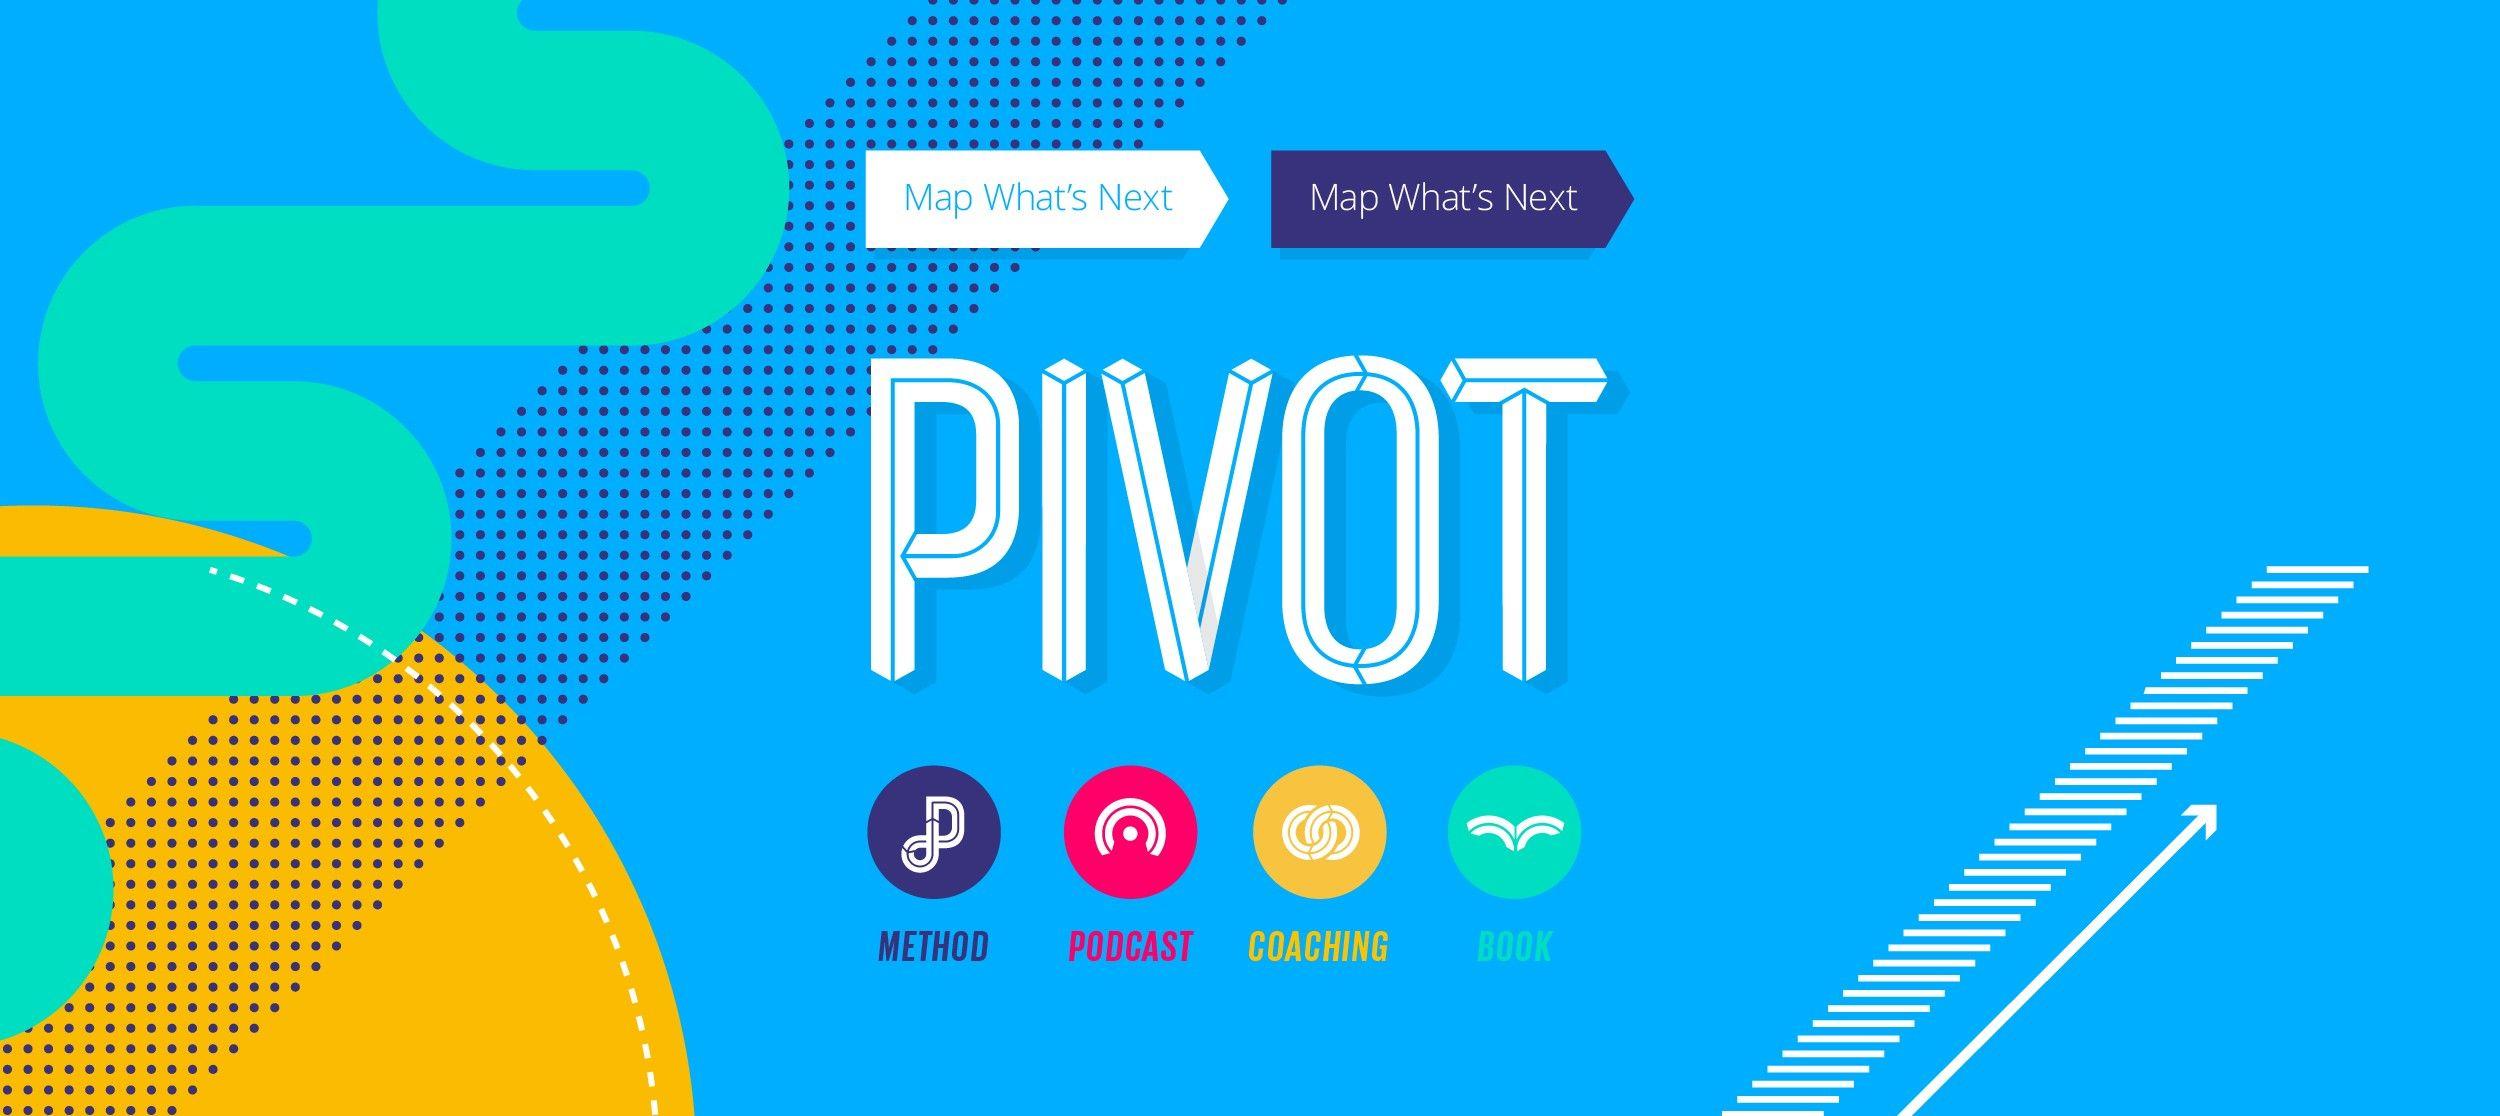 pivot by jenny blake brand system